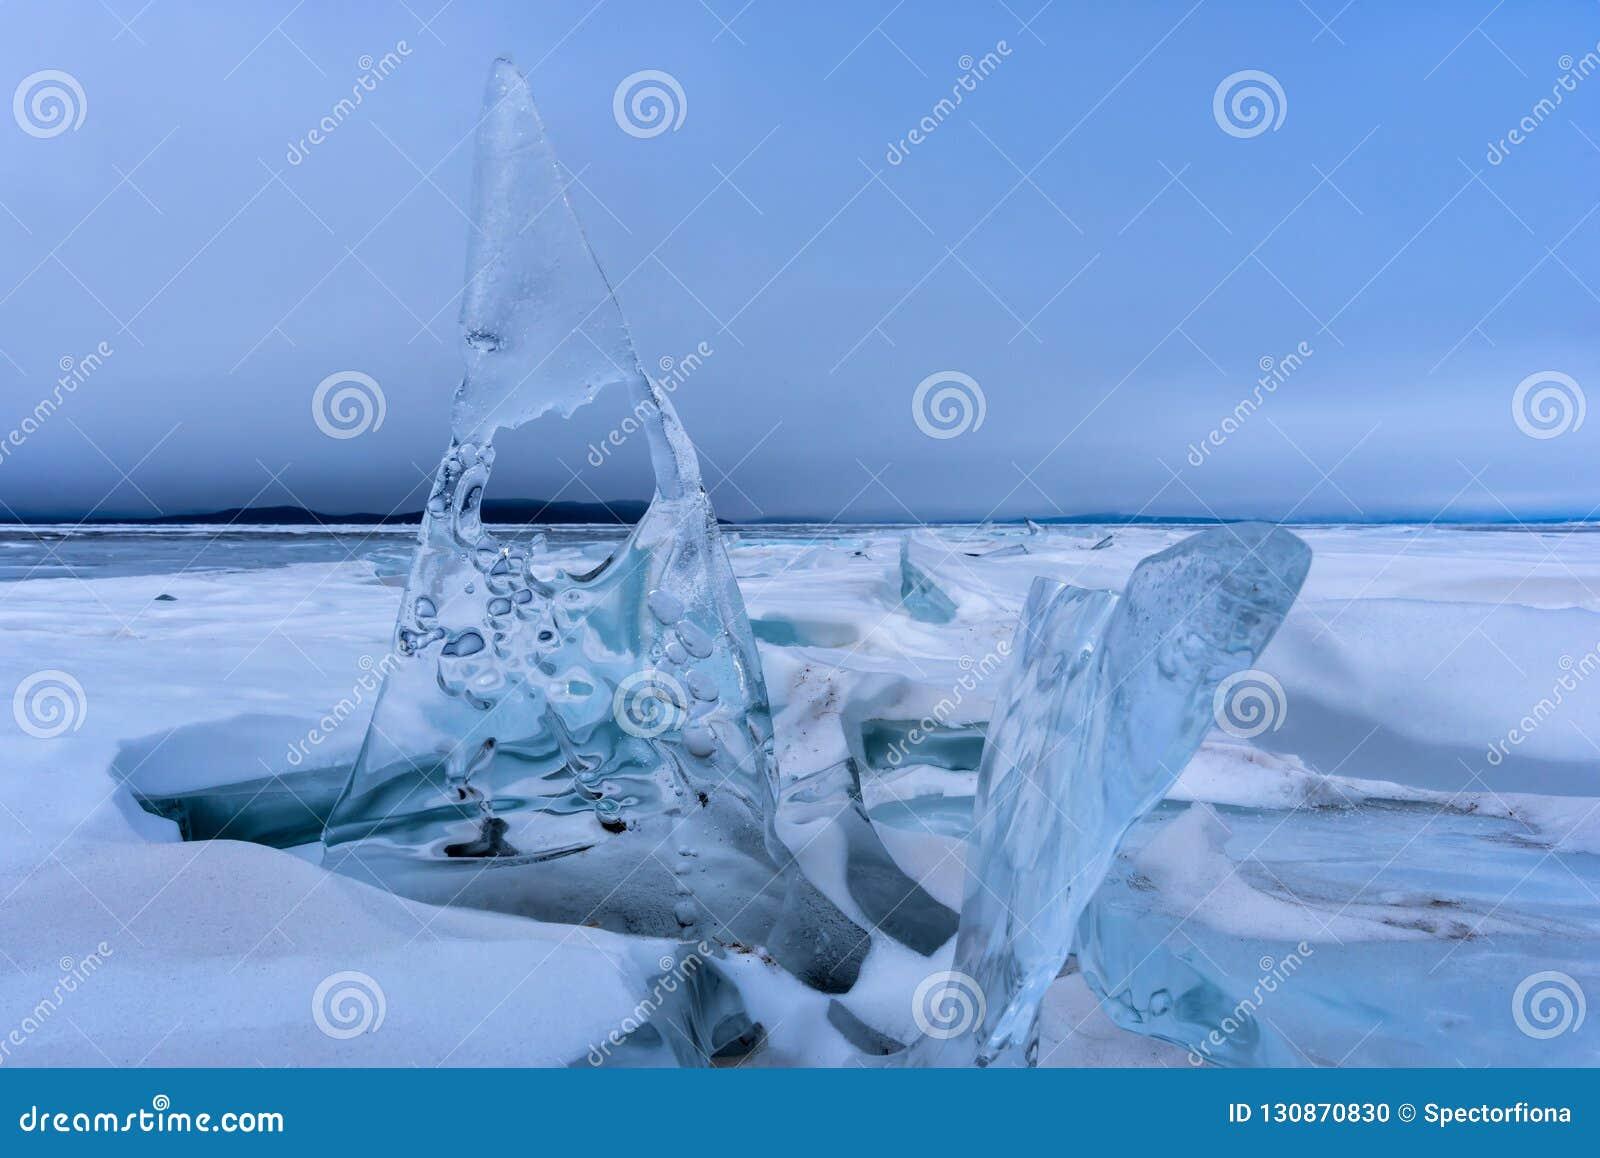 Endlose blaue Eishügel im Winter auf dem gefrorenen Baikalsee